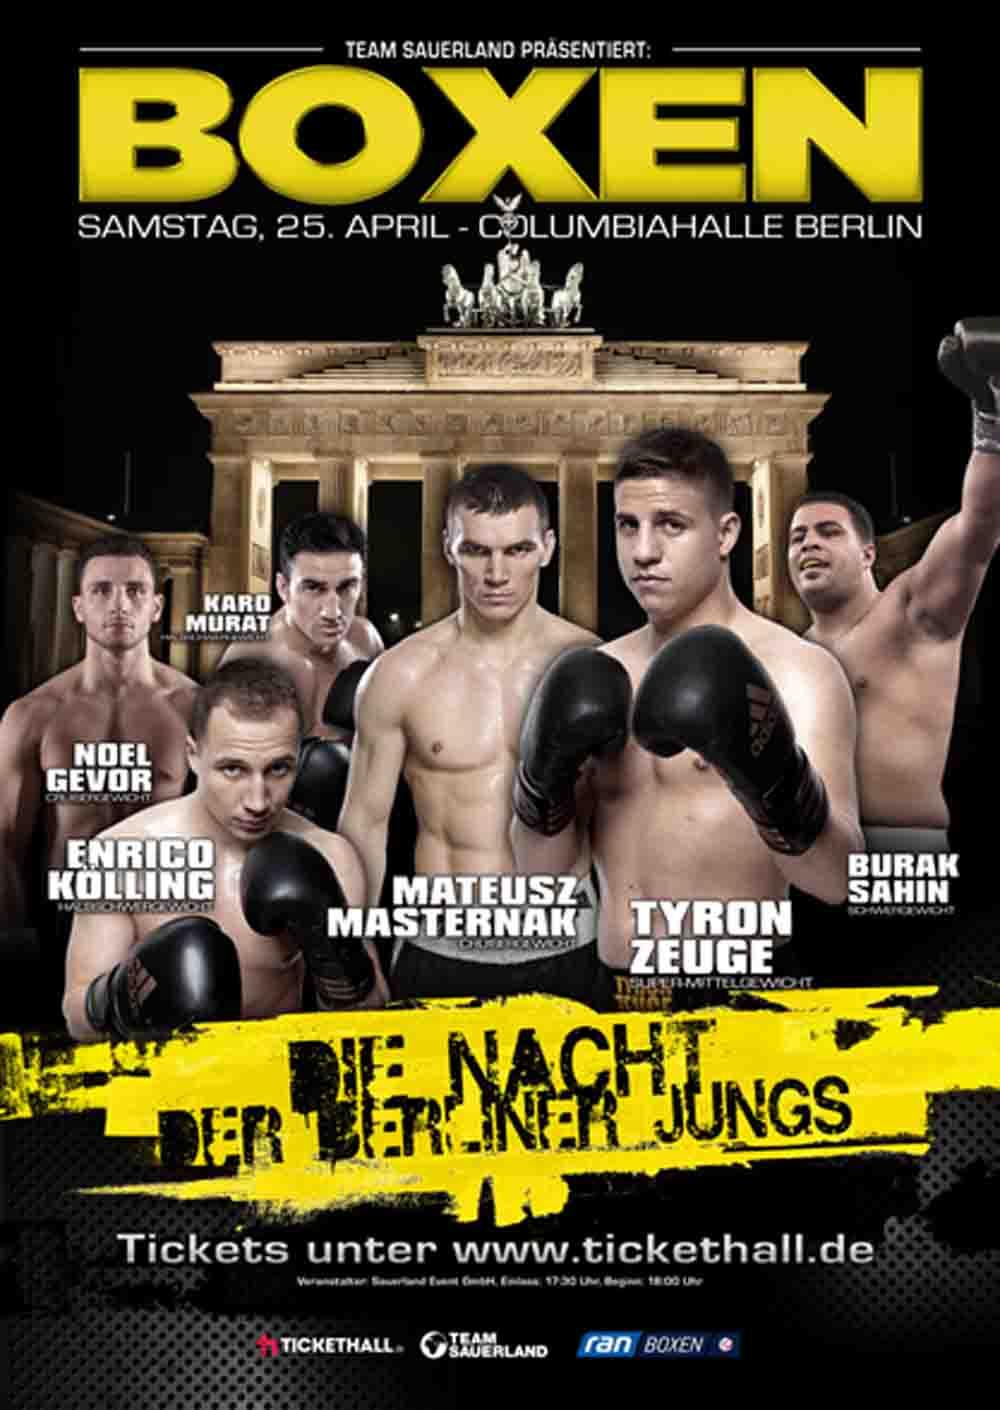 Die Nacht der Berliner Jungs